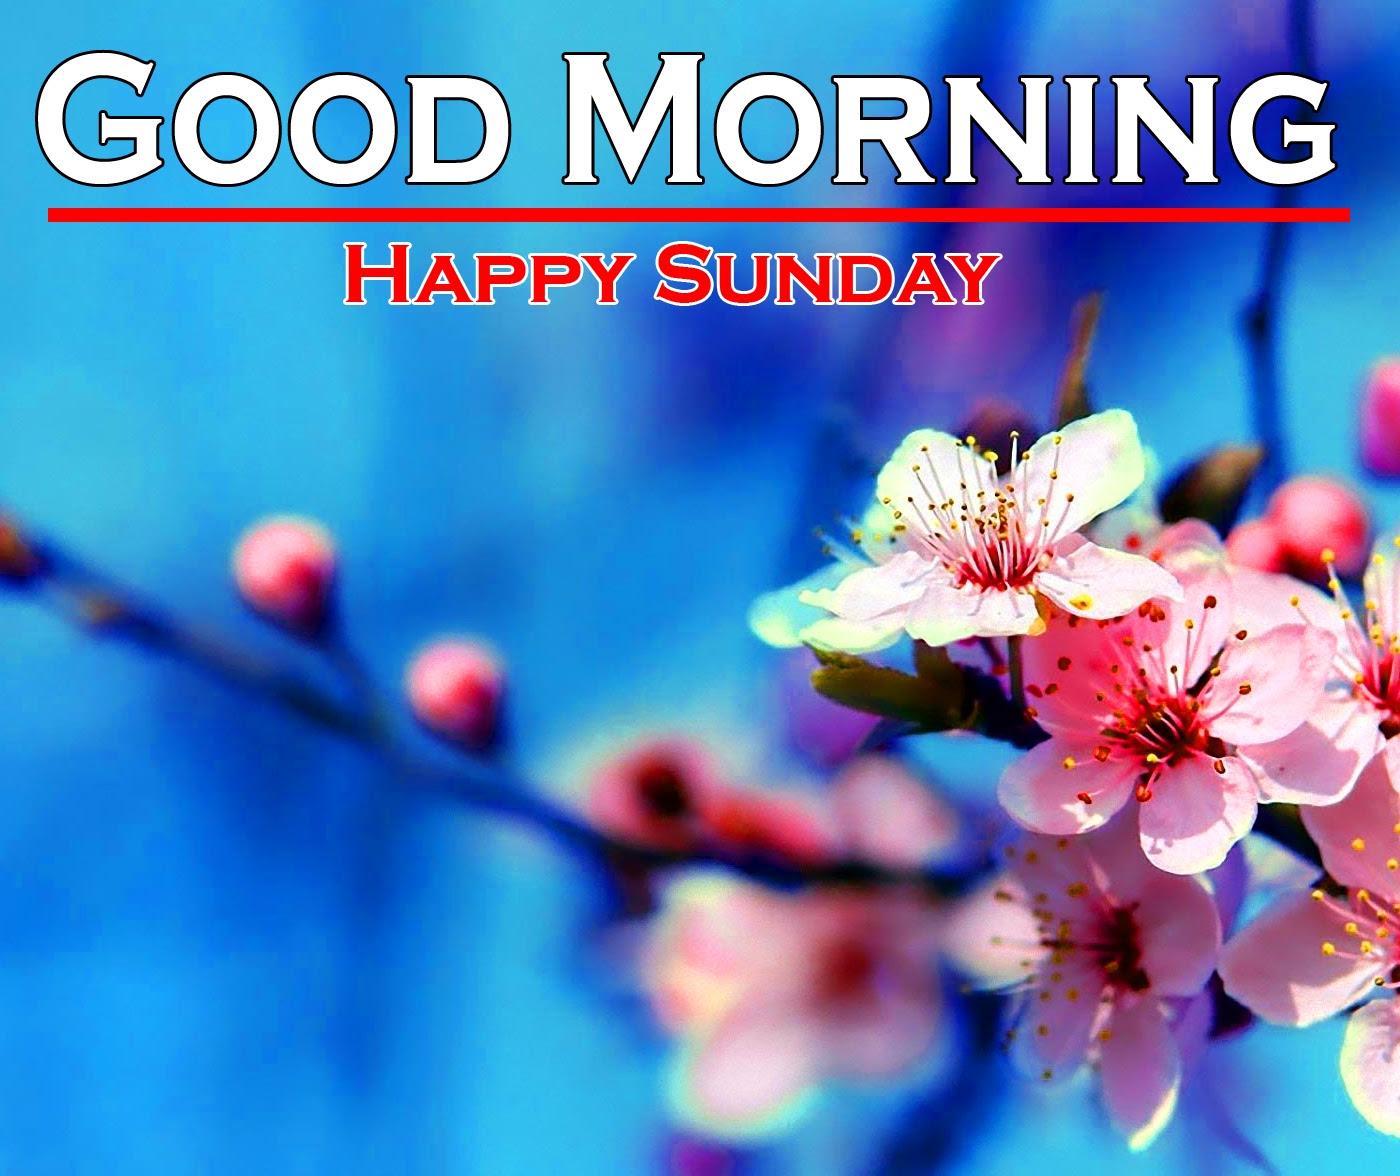 Sunday Good Morning Images 11 1